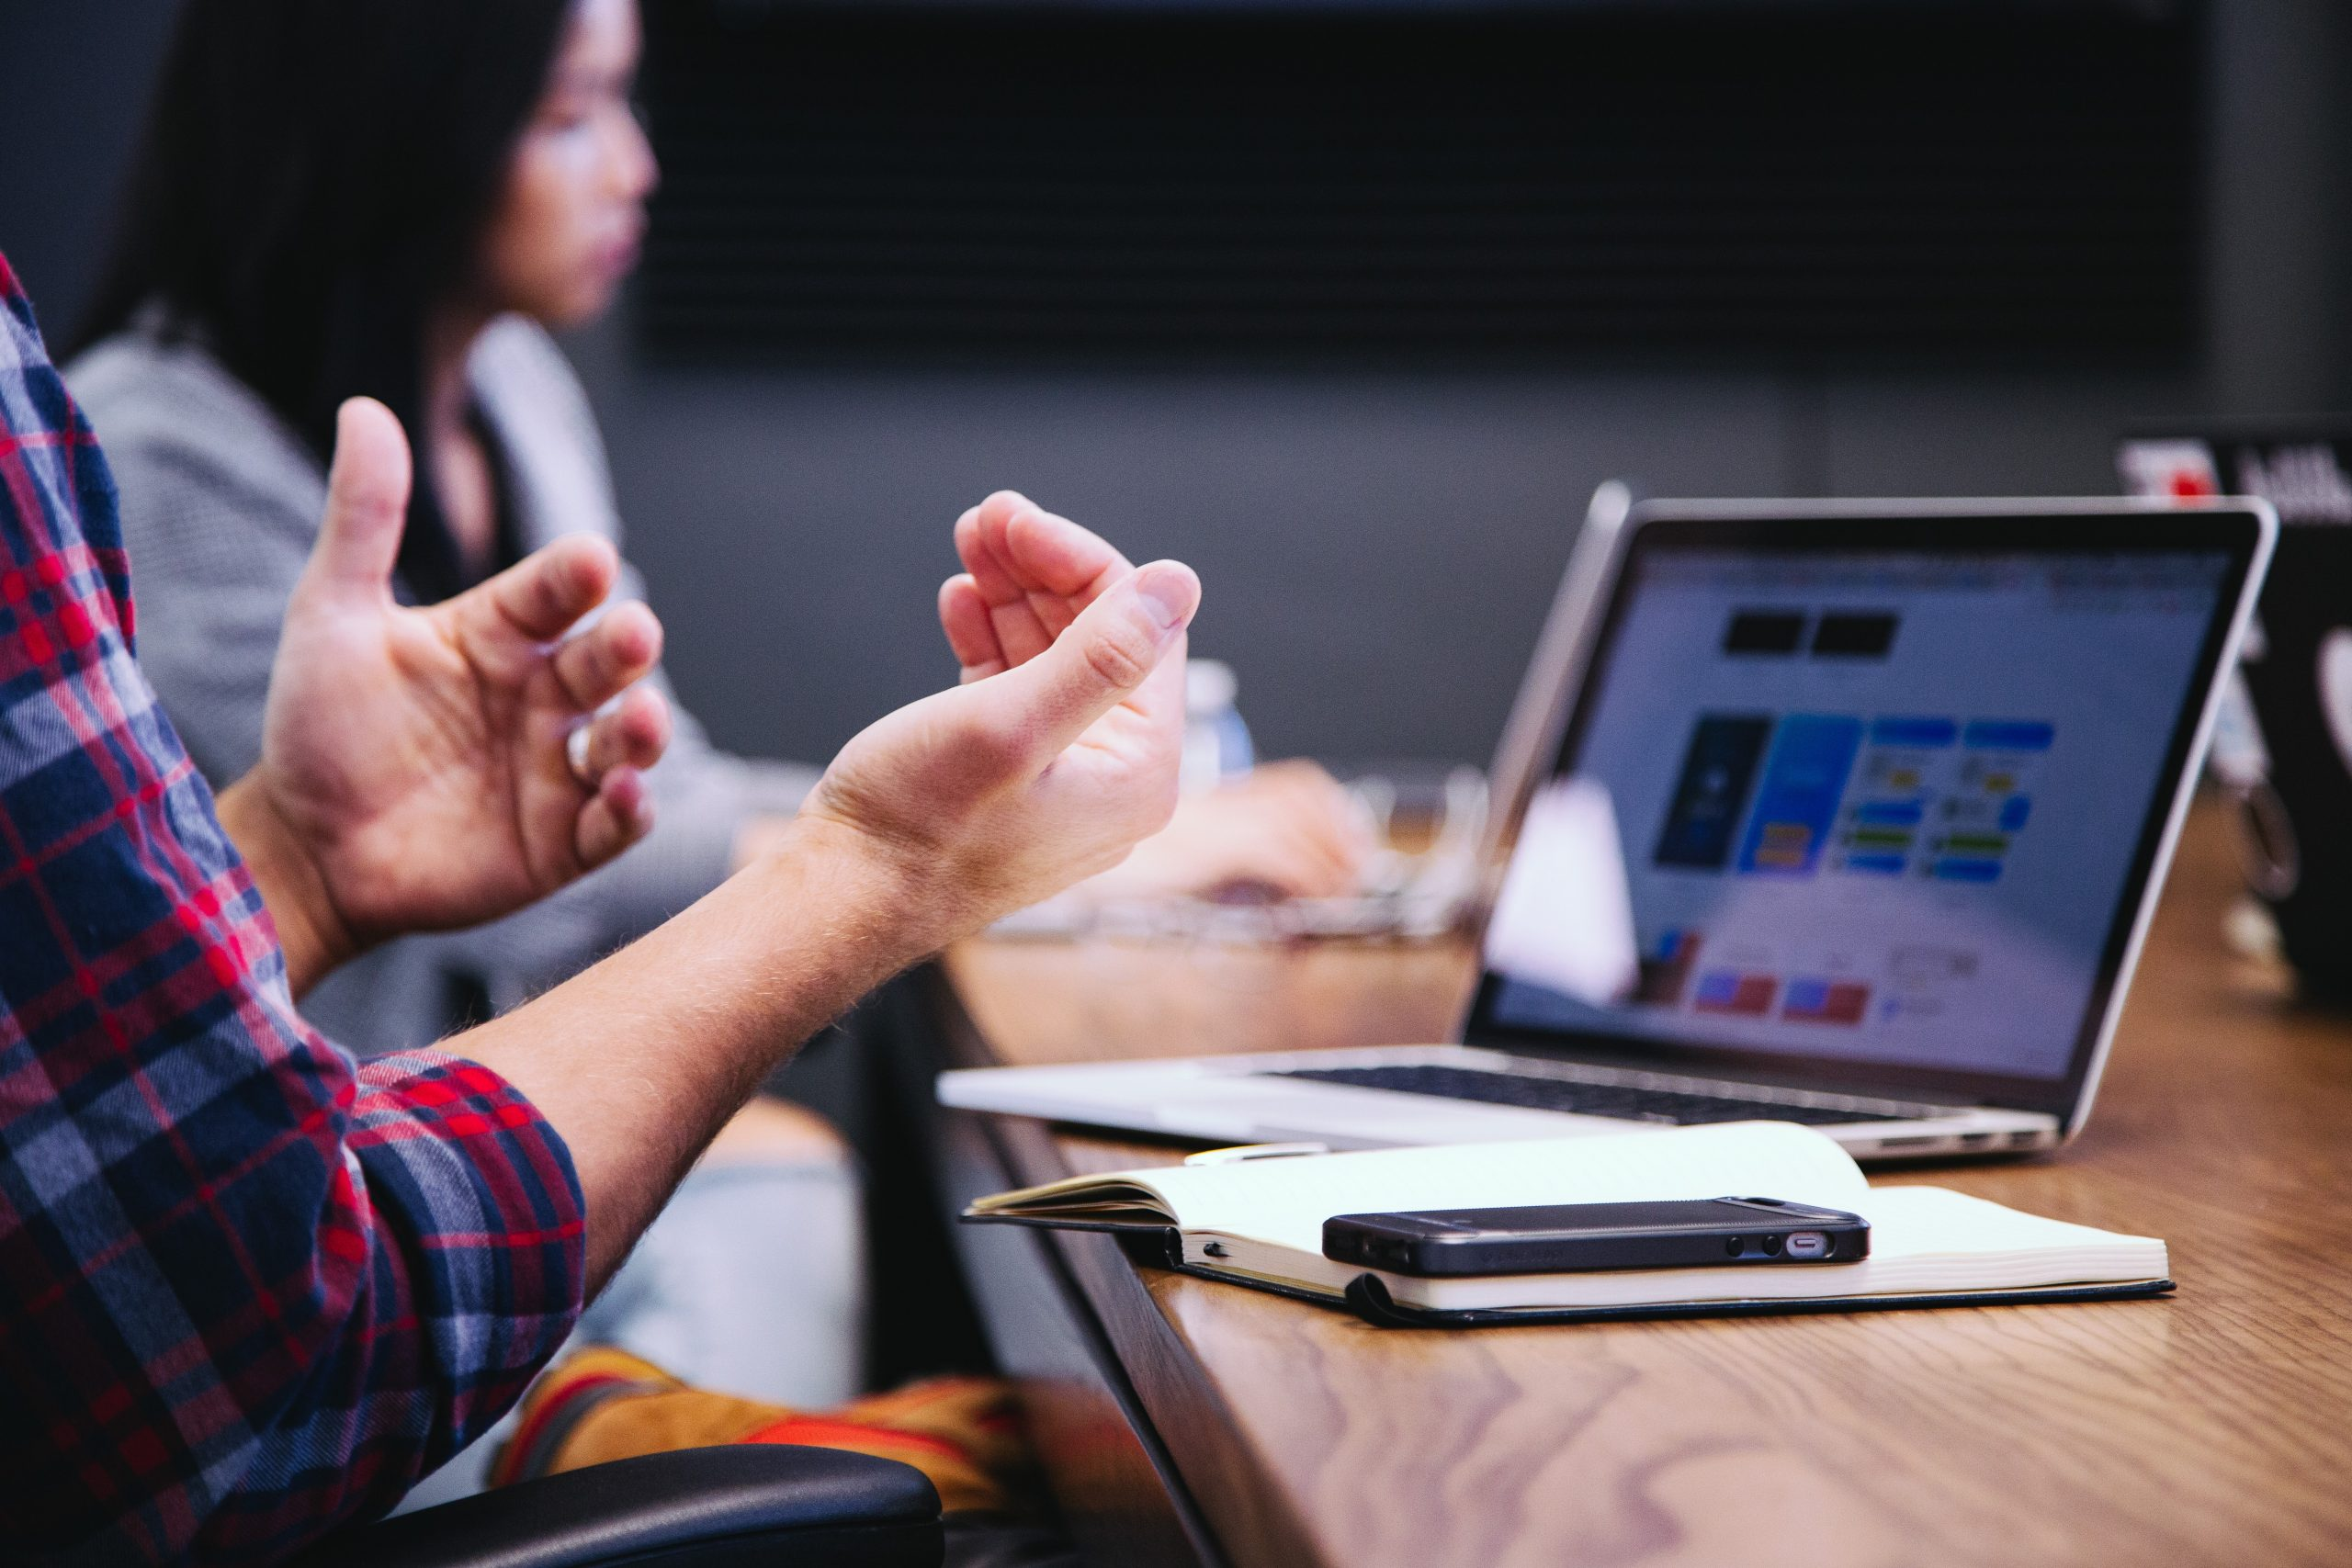 Porque deberías contratar una consultoría digital para tu negocio o emprendimiento